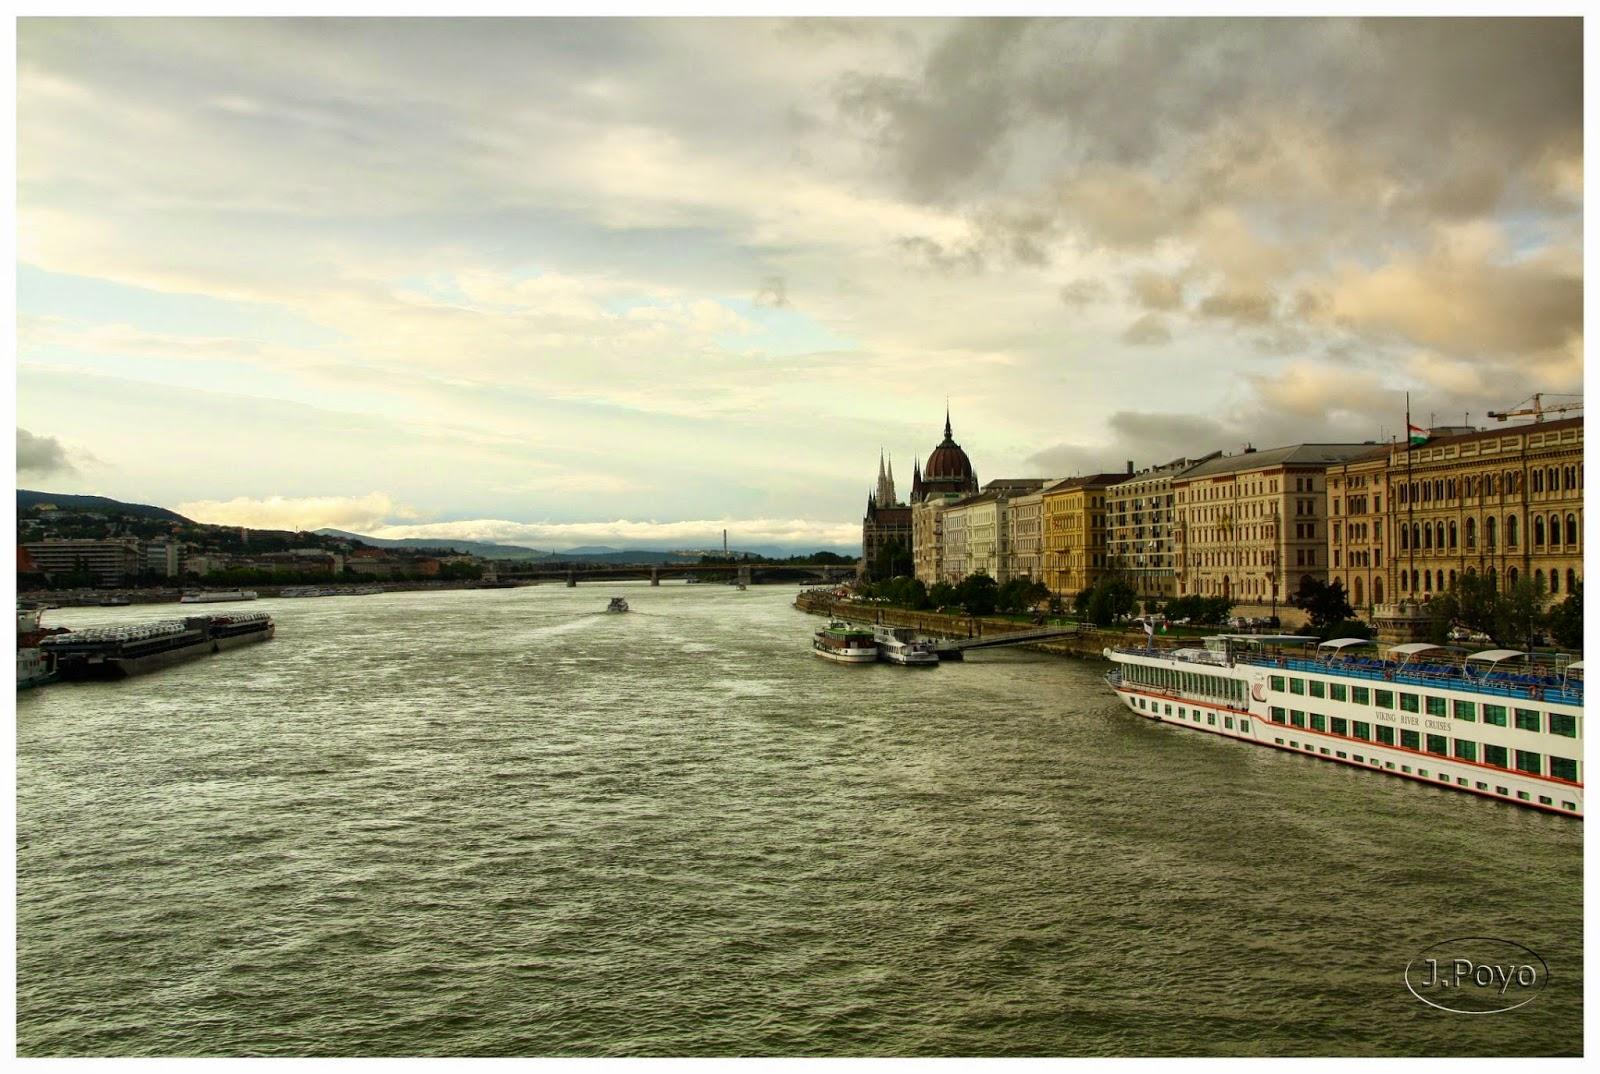 Vista del Danubio desde el puente de las Cadenas, Budapest